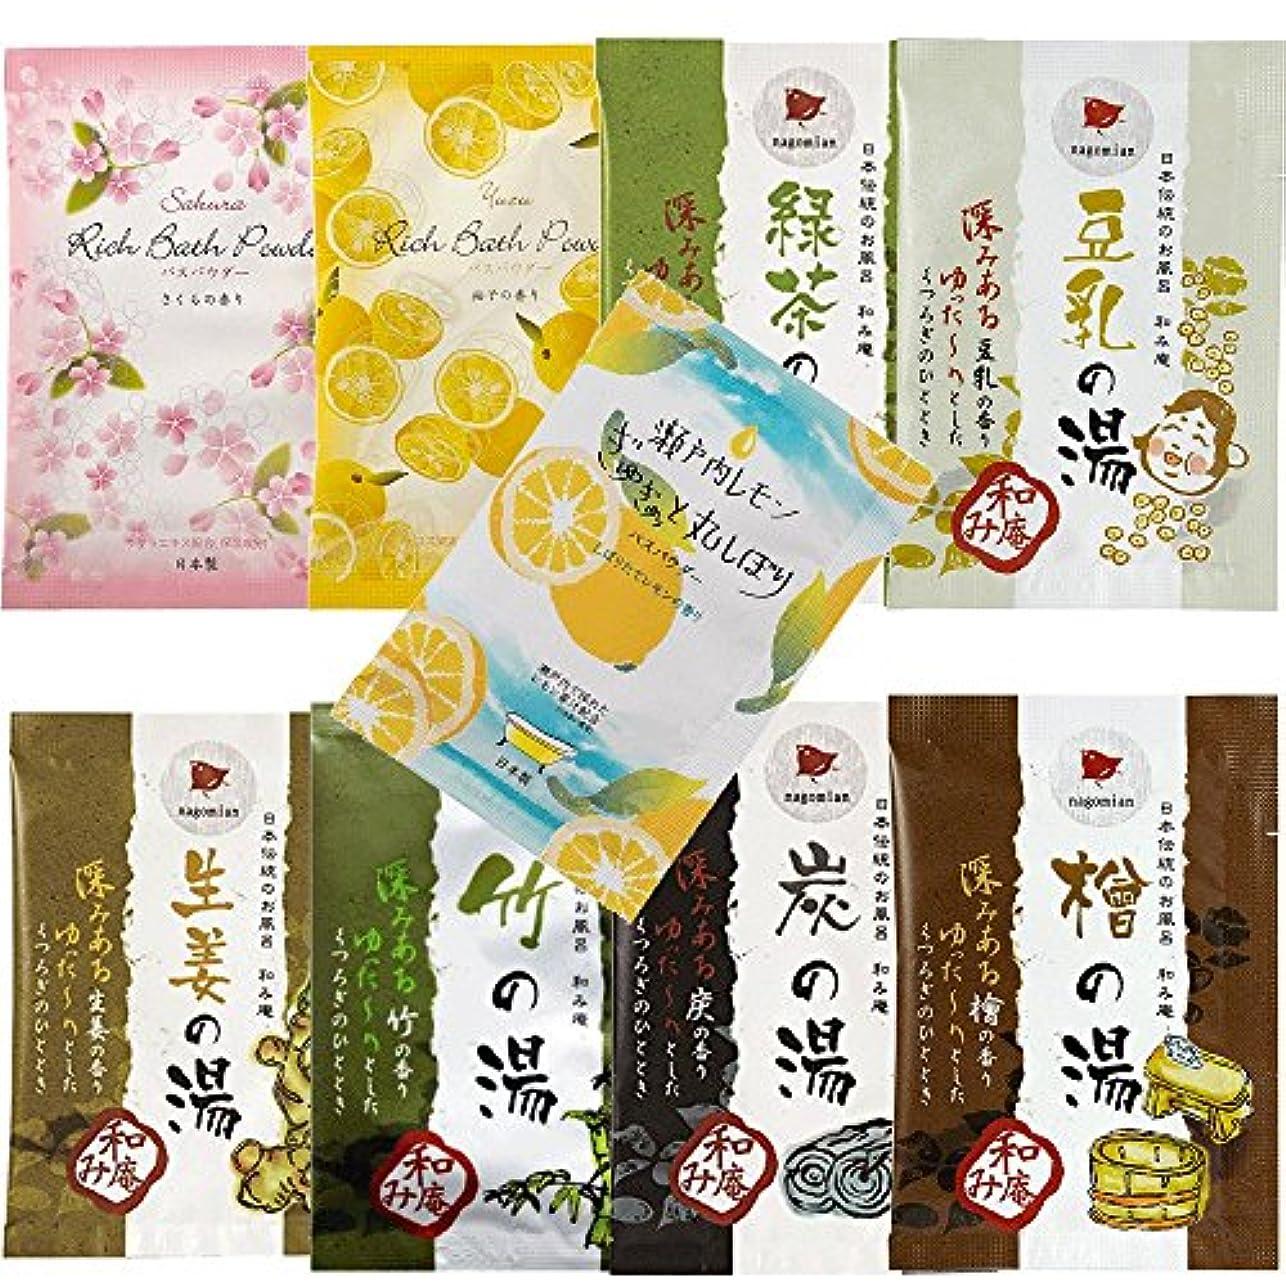 テンポ赤ちゃん保険をかける日本伝統のお風呂 和み庵 6種類 + バスパウダー 3種類セット 和風入浴剤 9包セット